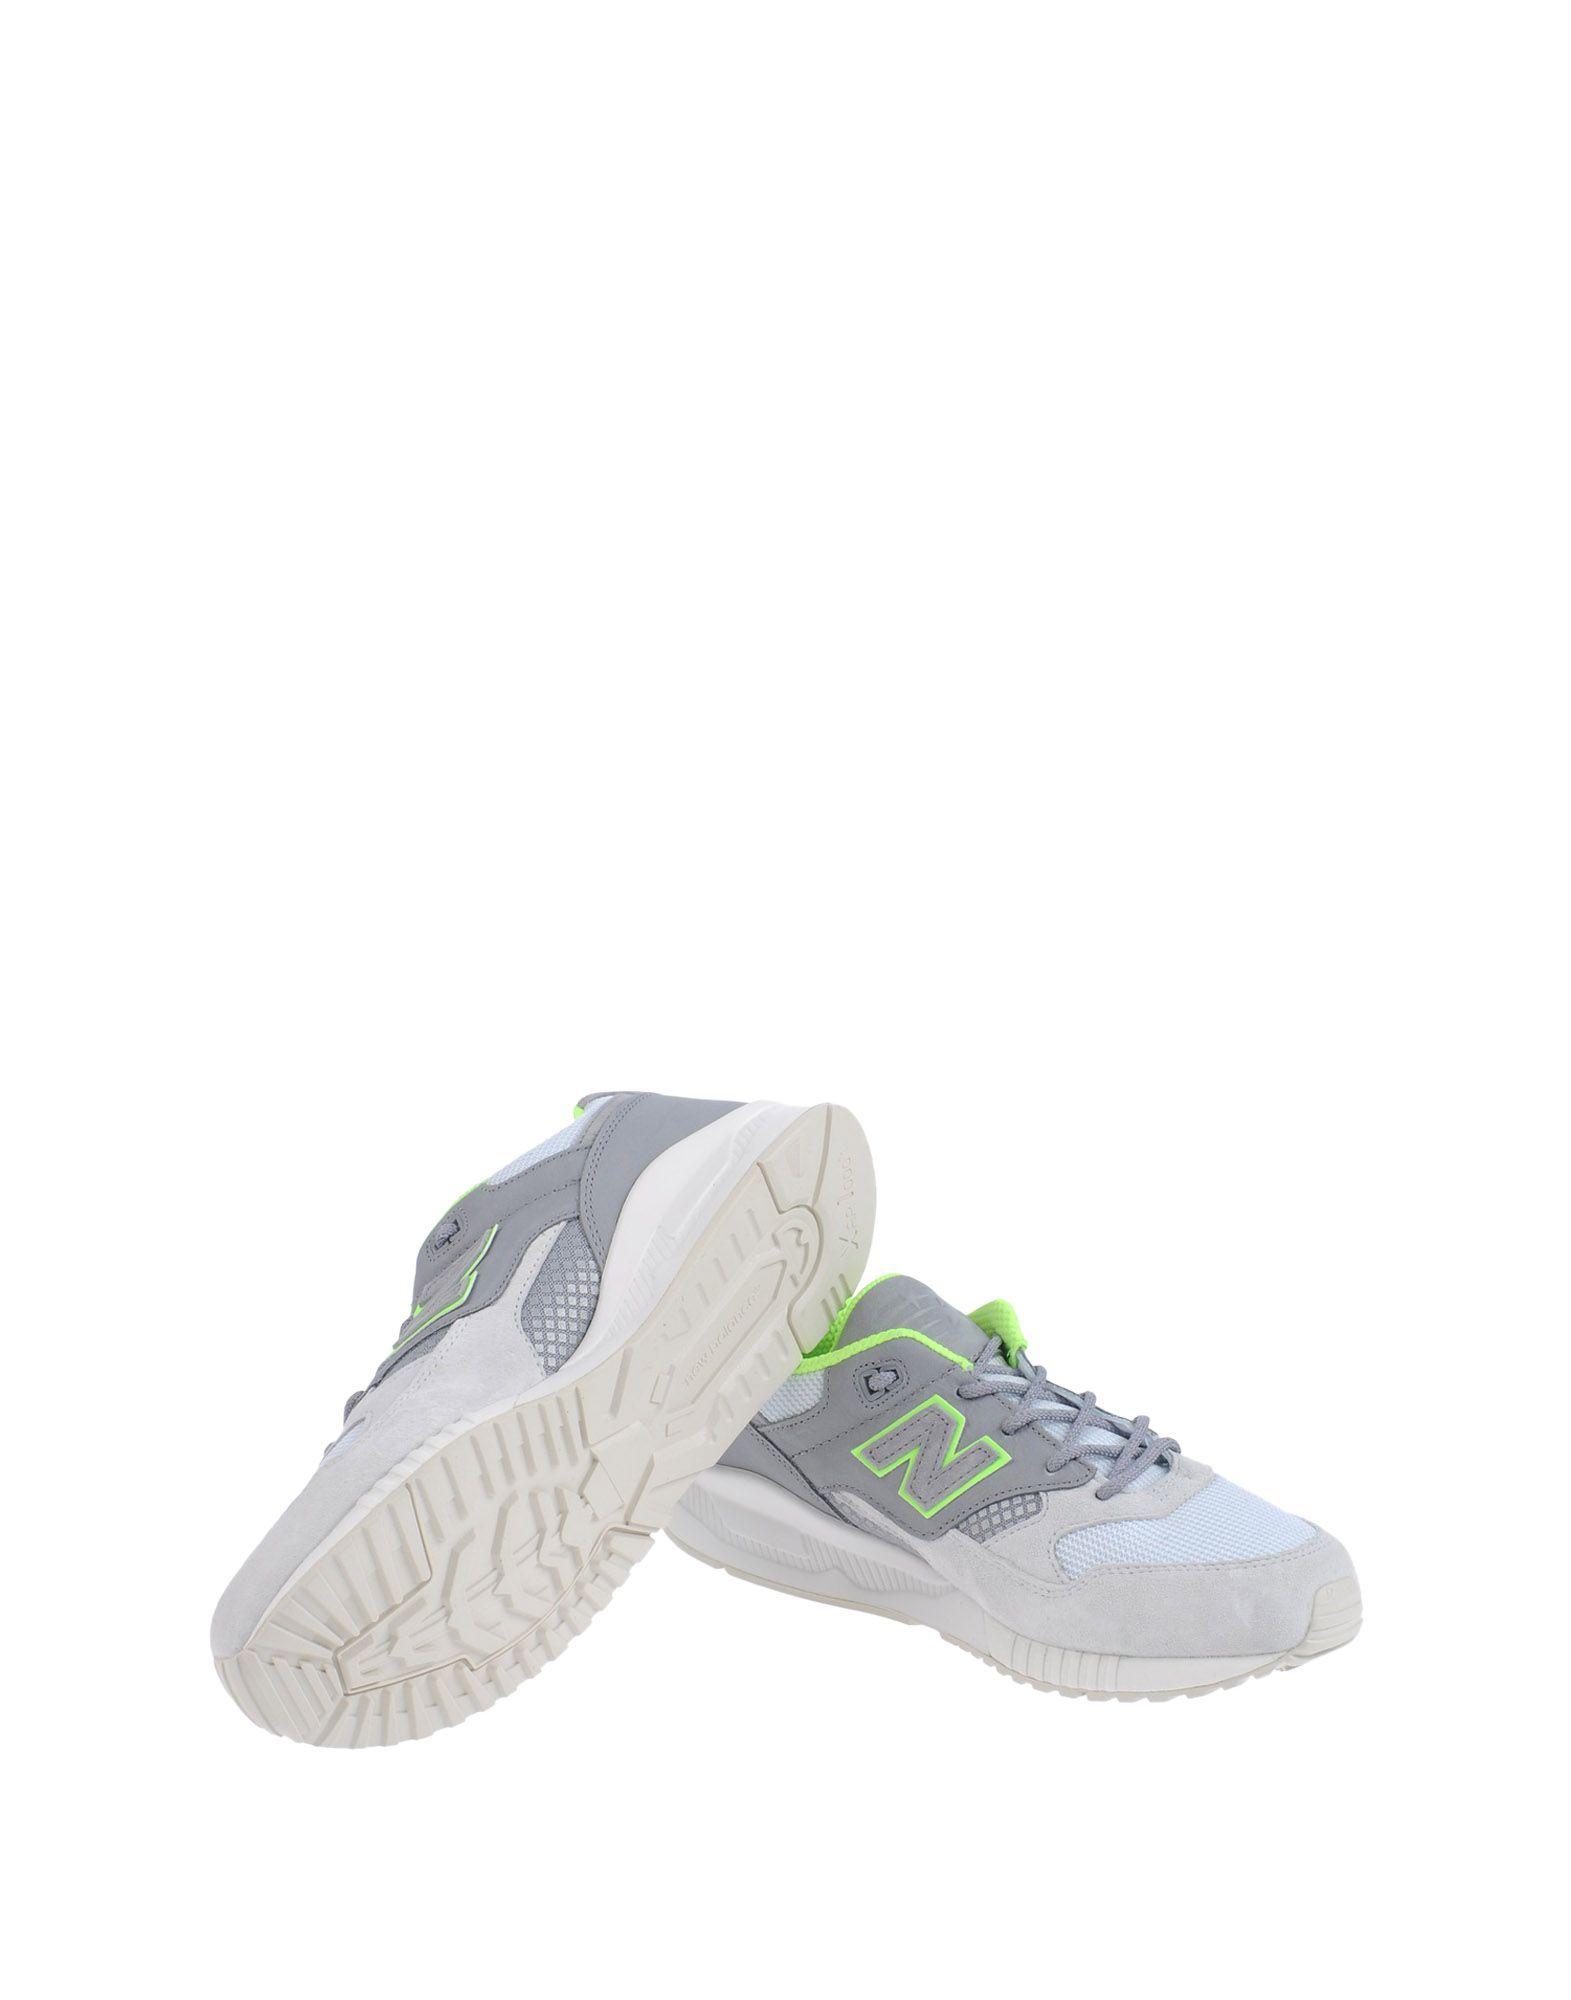 Viz New Balance 530 High Viz  Pack  11195448UR 623d7a